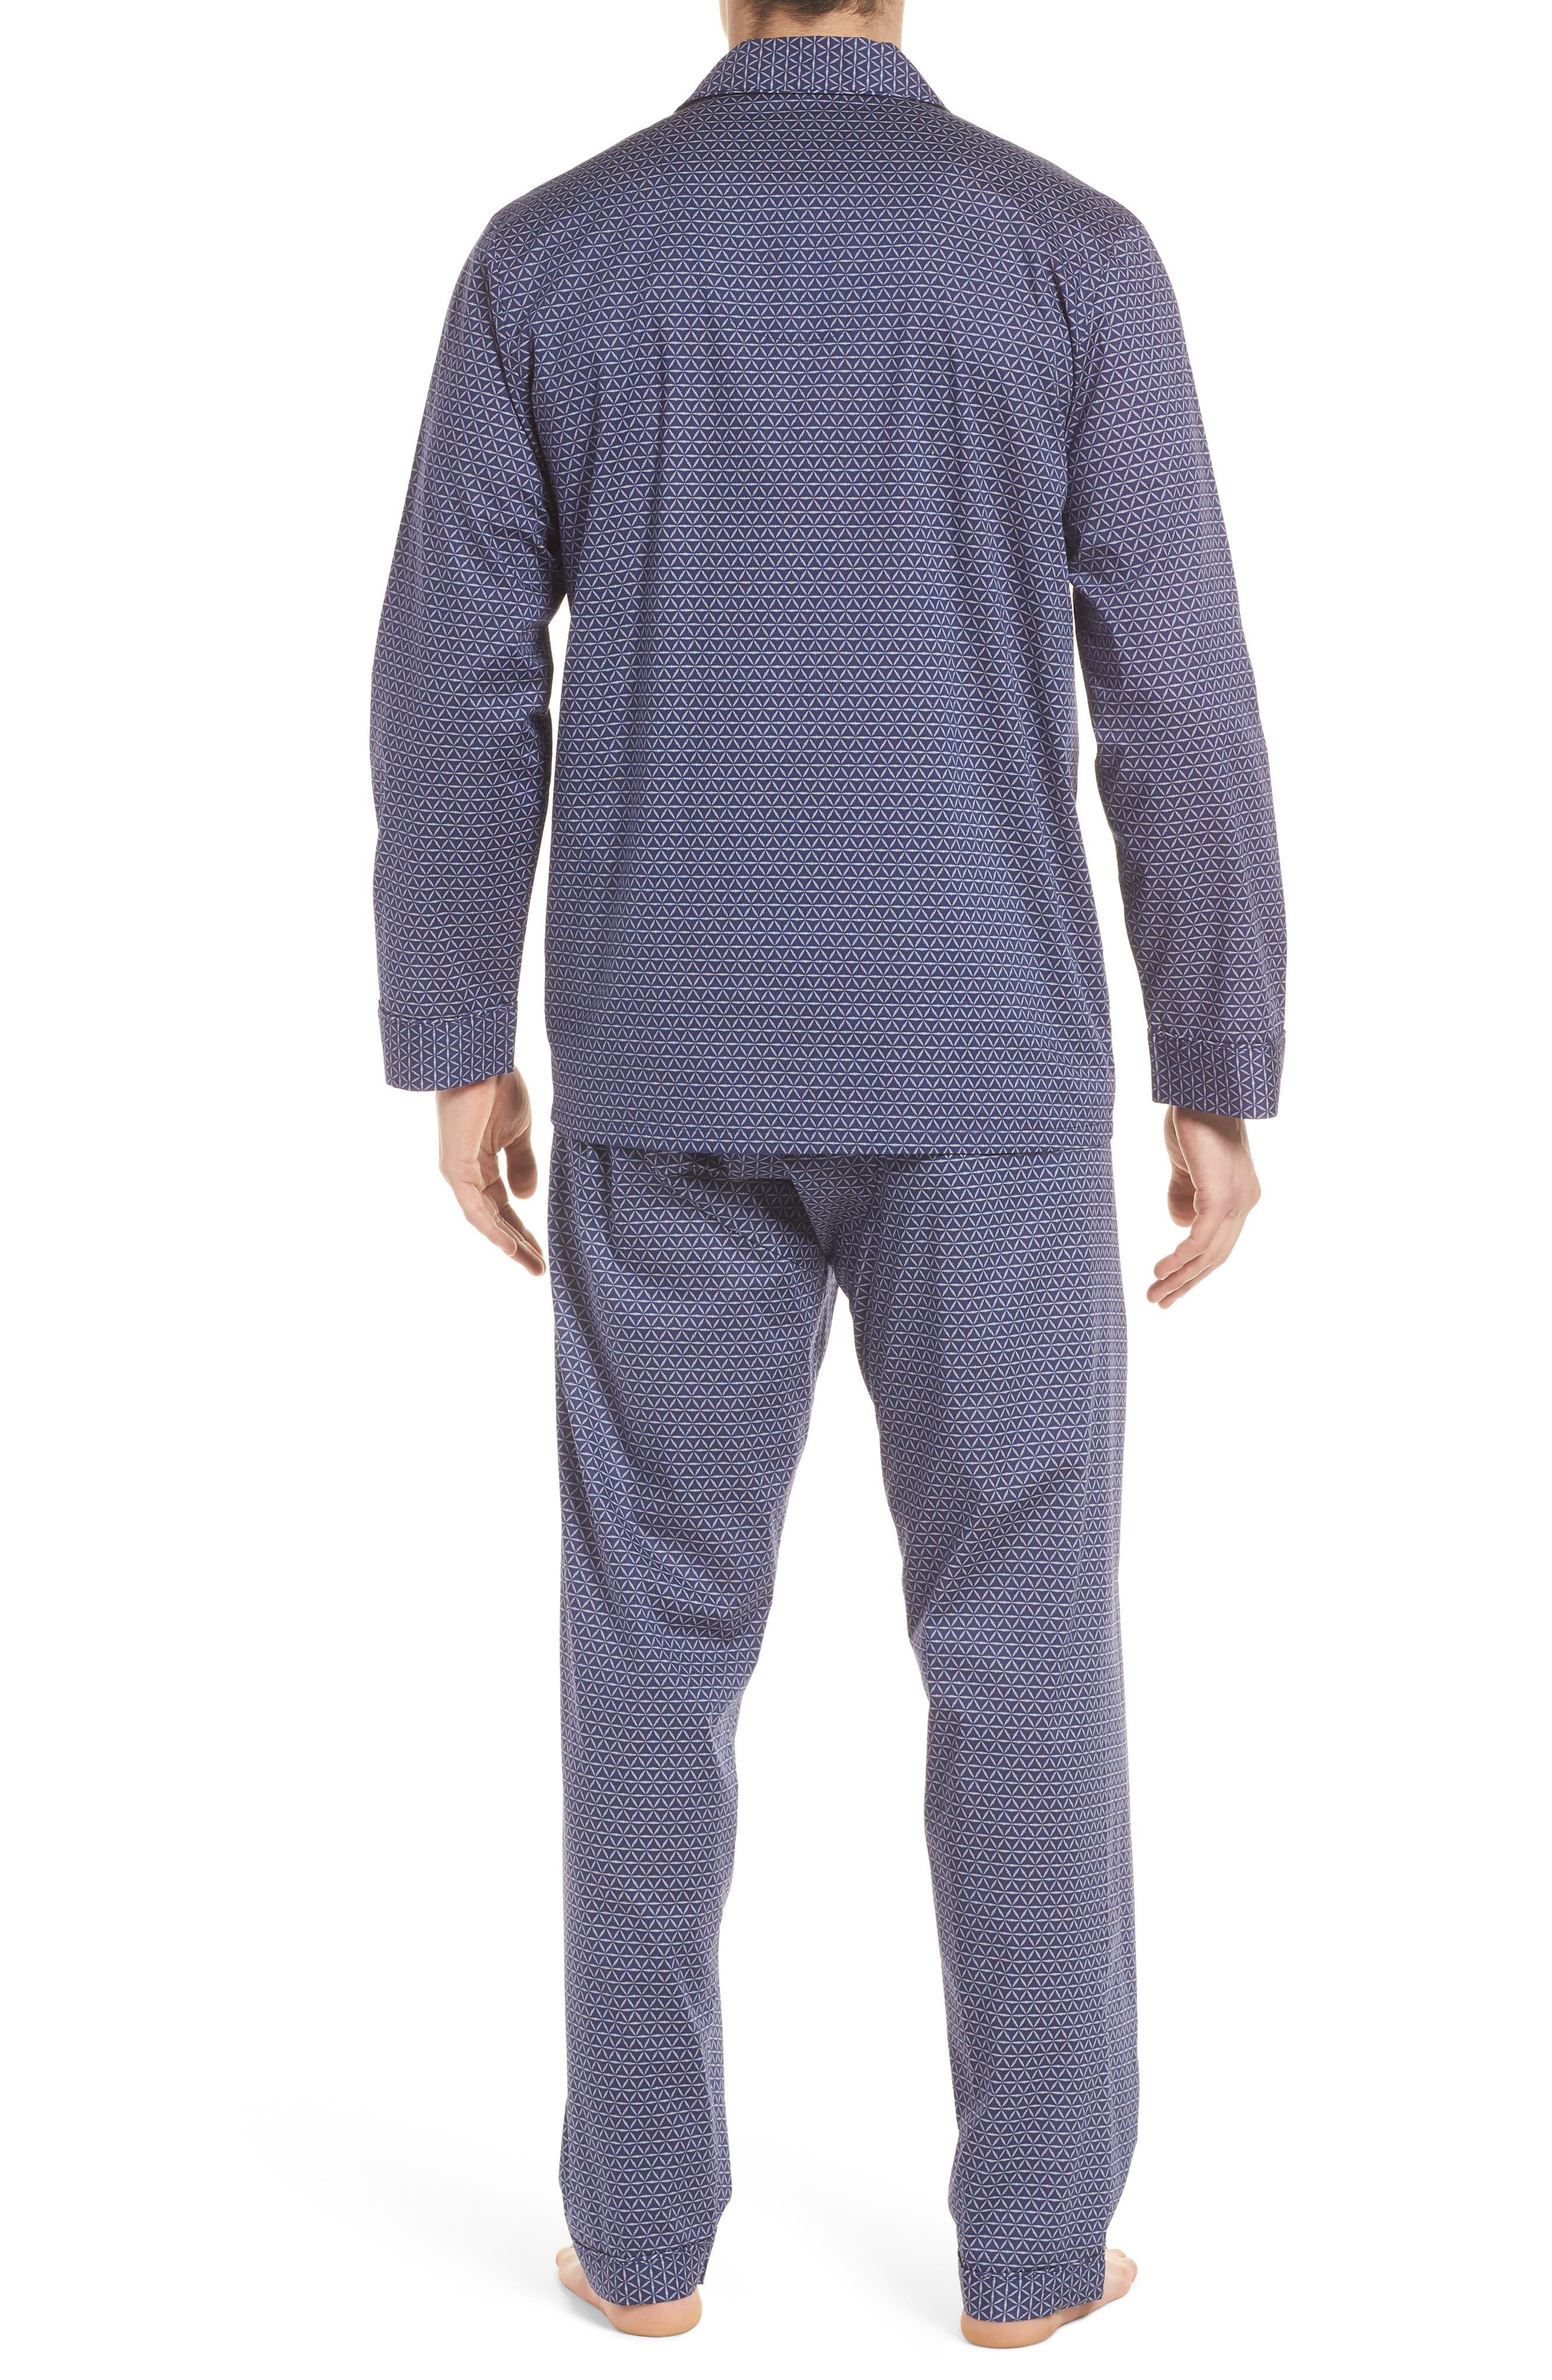 Starling Pajama Set,                             Alternate thumbnail 2, color,                             NAVY